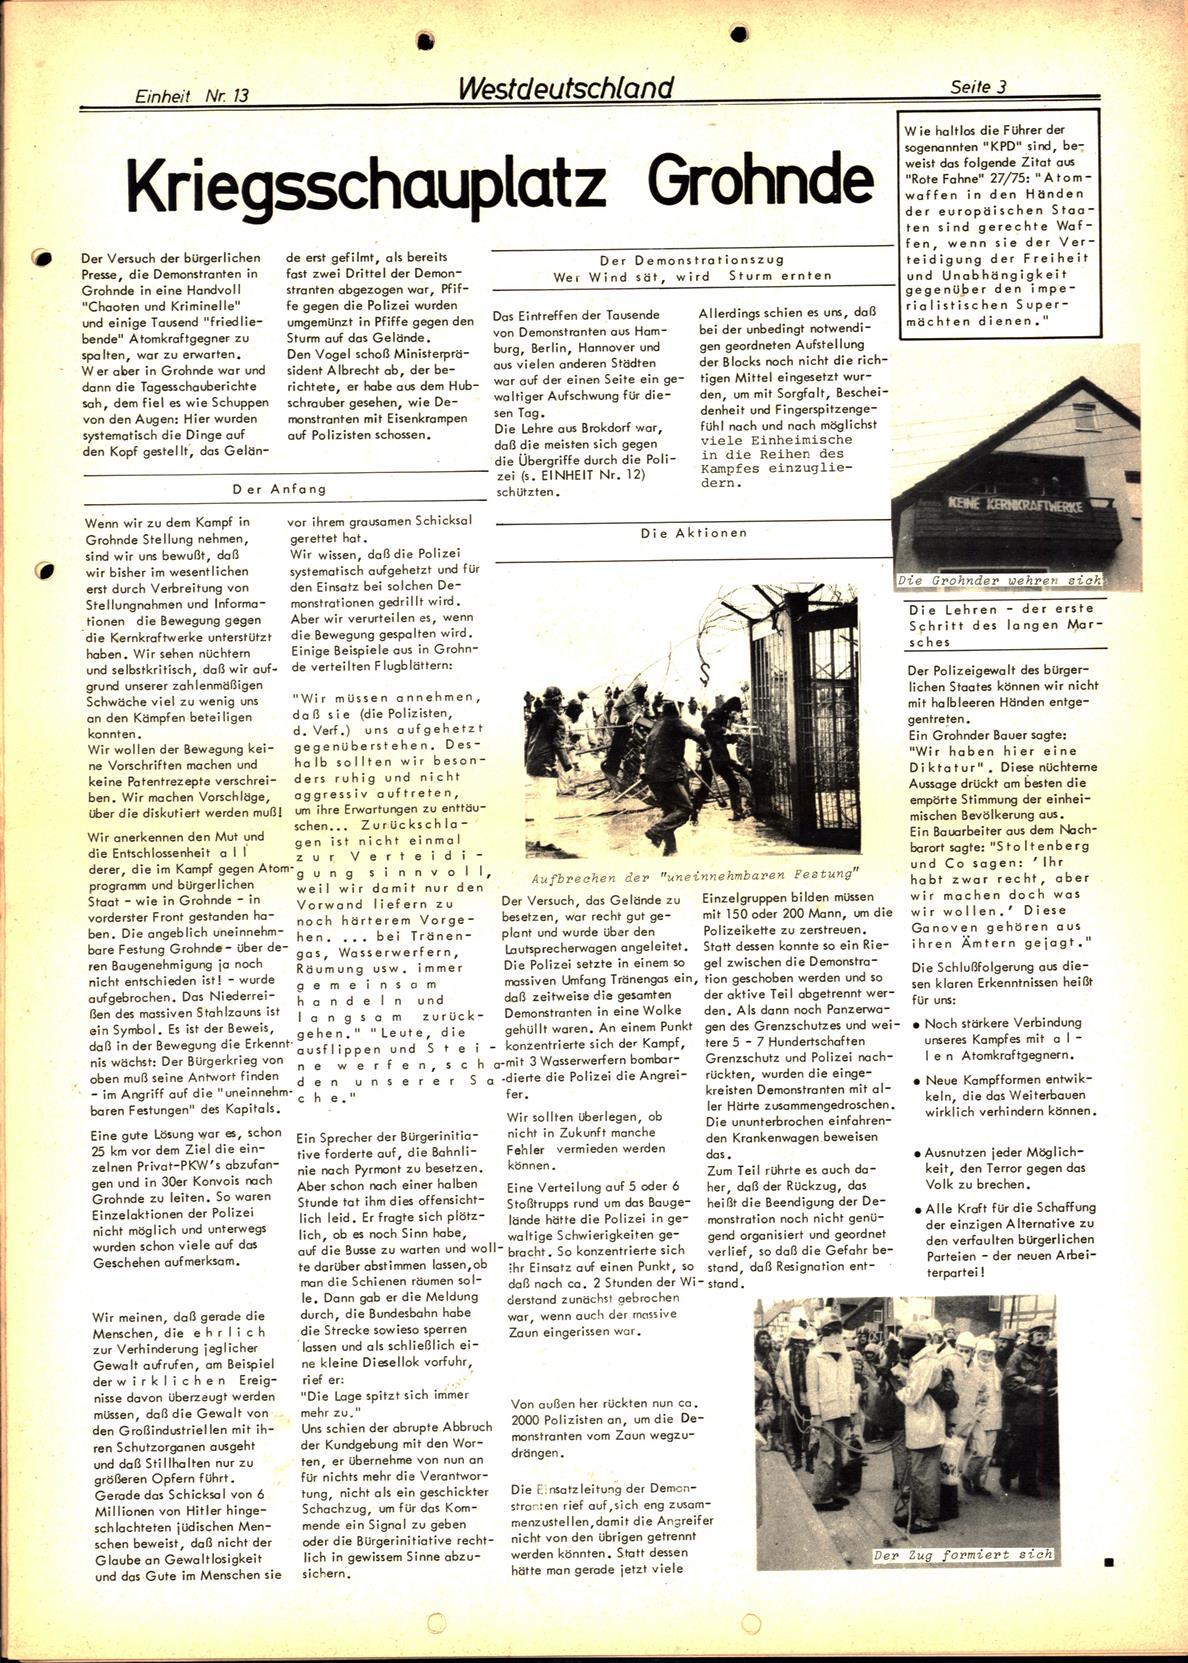 Koeln_IPdA_Einheit_1977_013_003